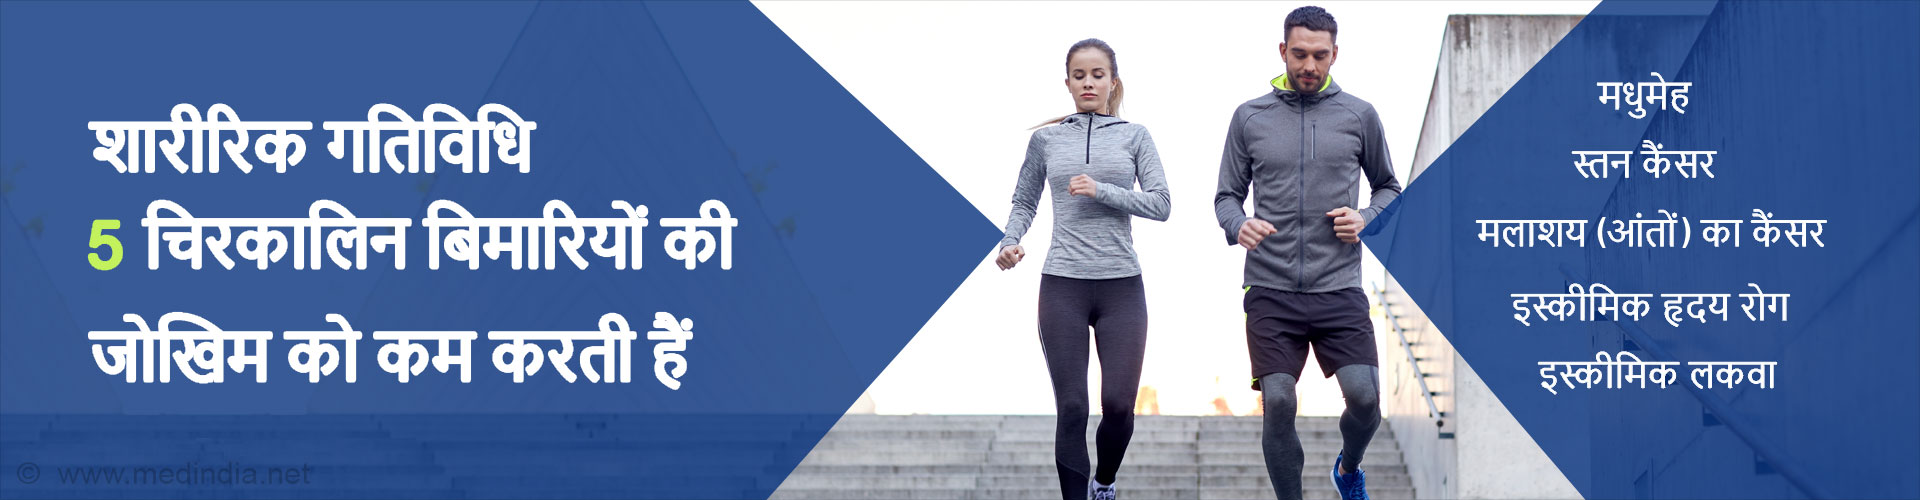 साप्ताहिक शारीरिक गतिविधि से, पांच चिरकालिक बिमारियों की जोखिम को कम किया जा सकता हैं।